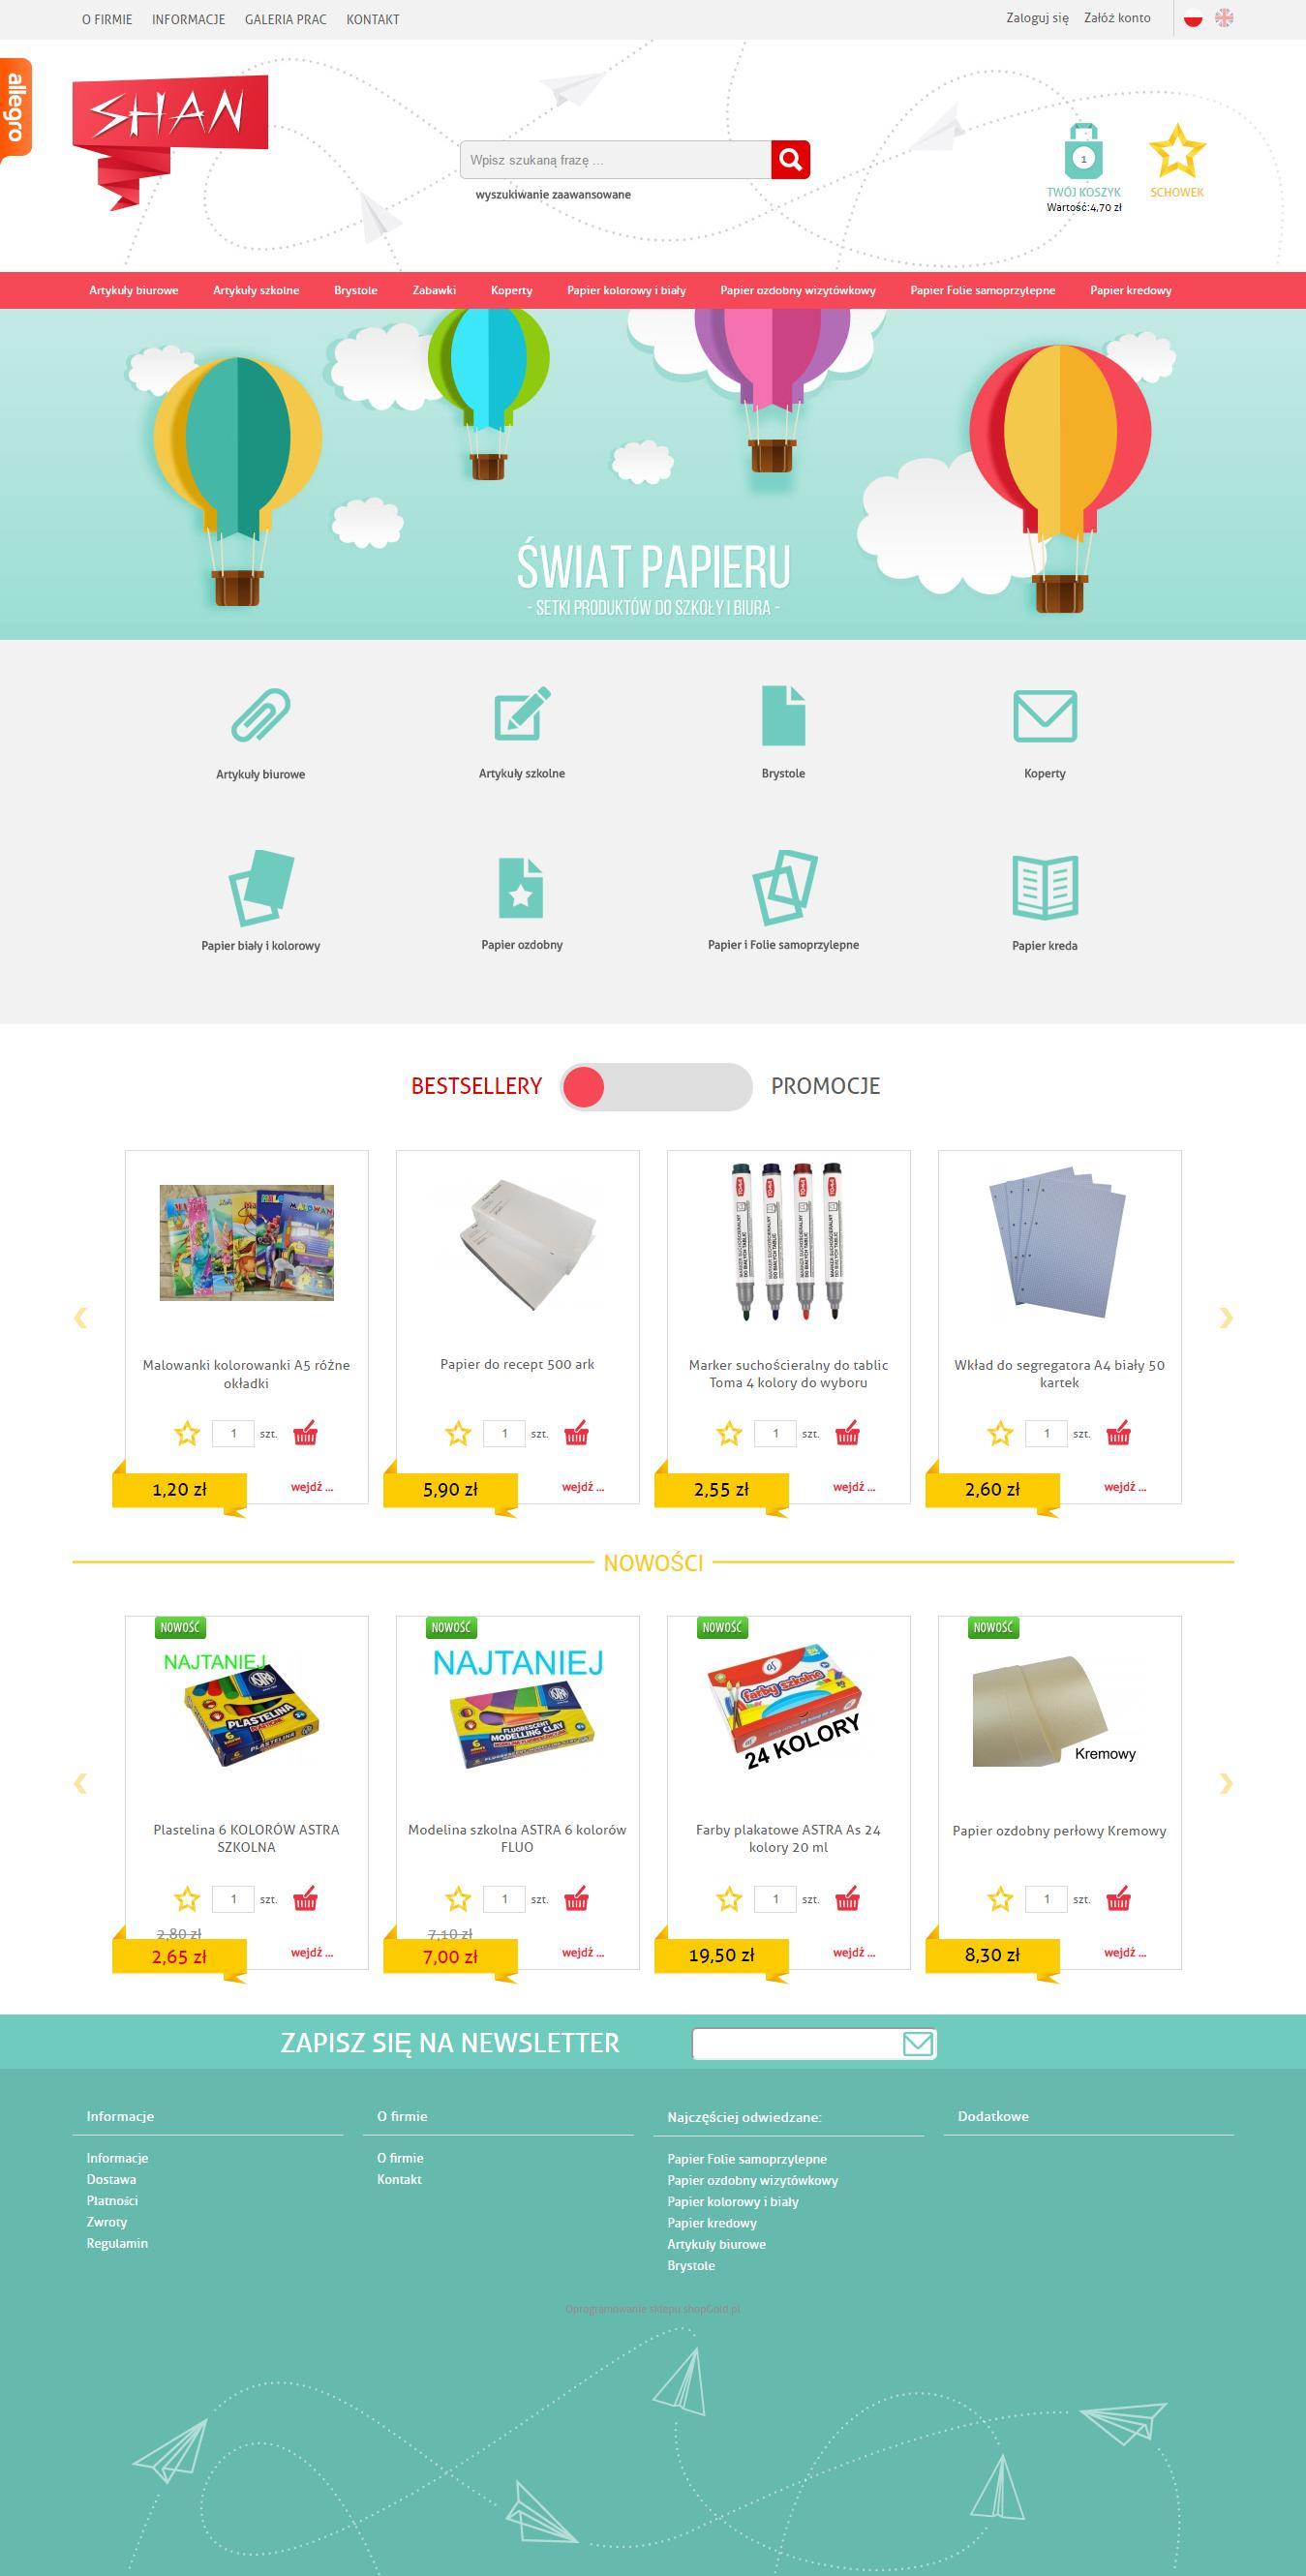 shan-papier-kolorowy-papier-ksero-papier-kredowy-koperty-ozdobne